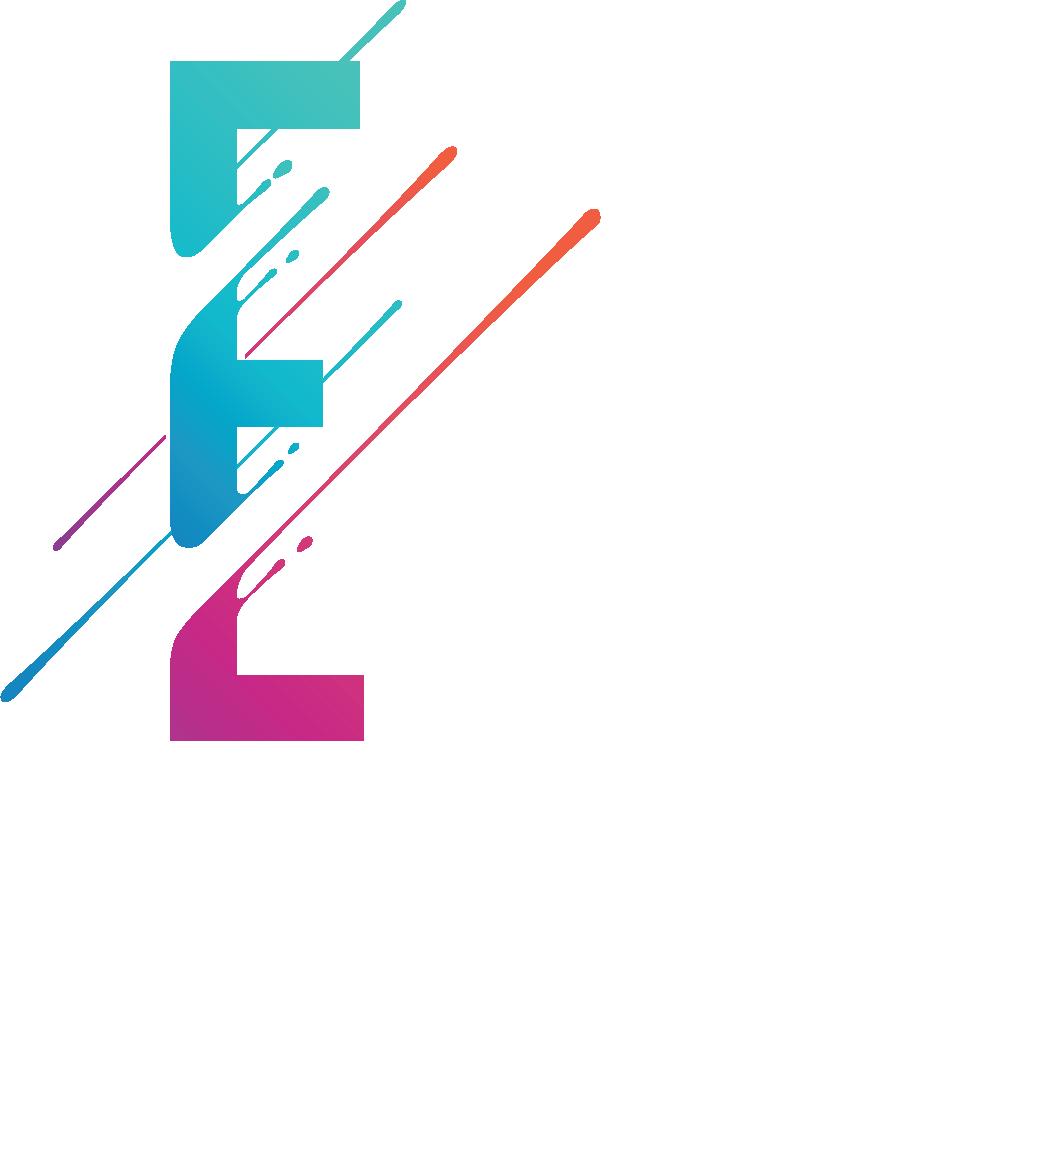 Expo Xrwma&Ergaleio logo 01